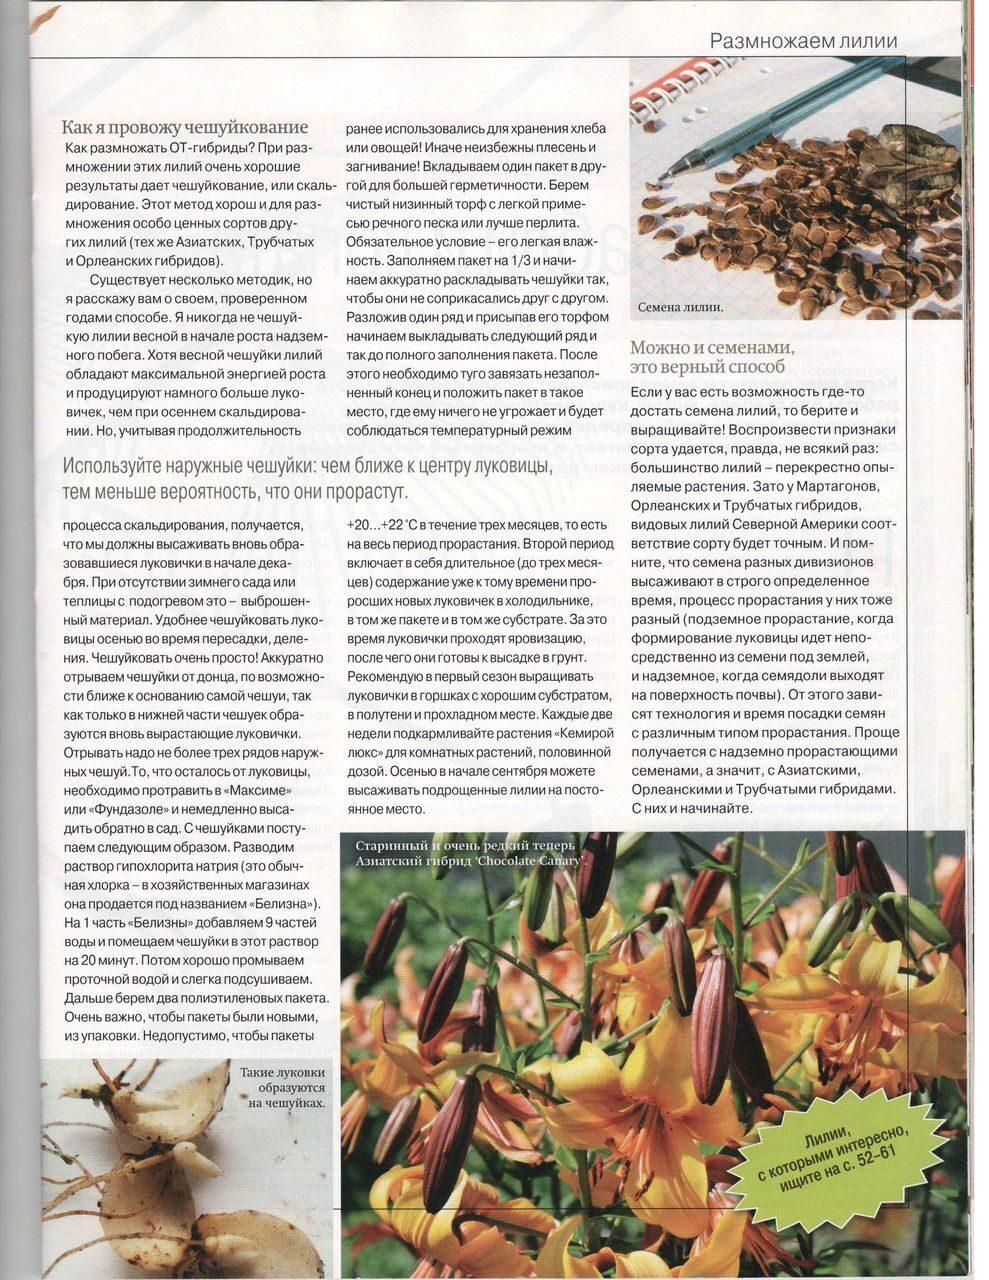 Выращивание лилий чешуйками 80